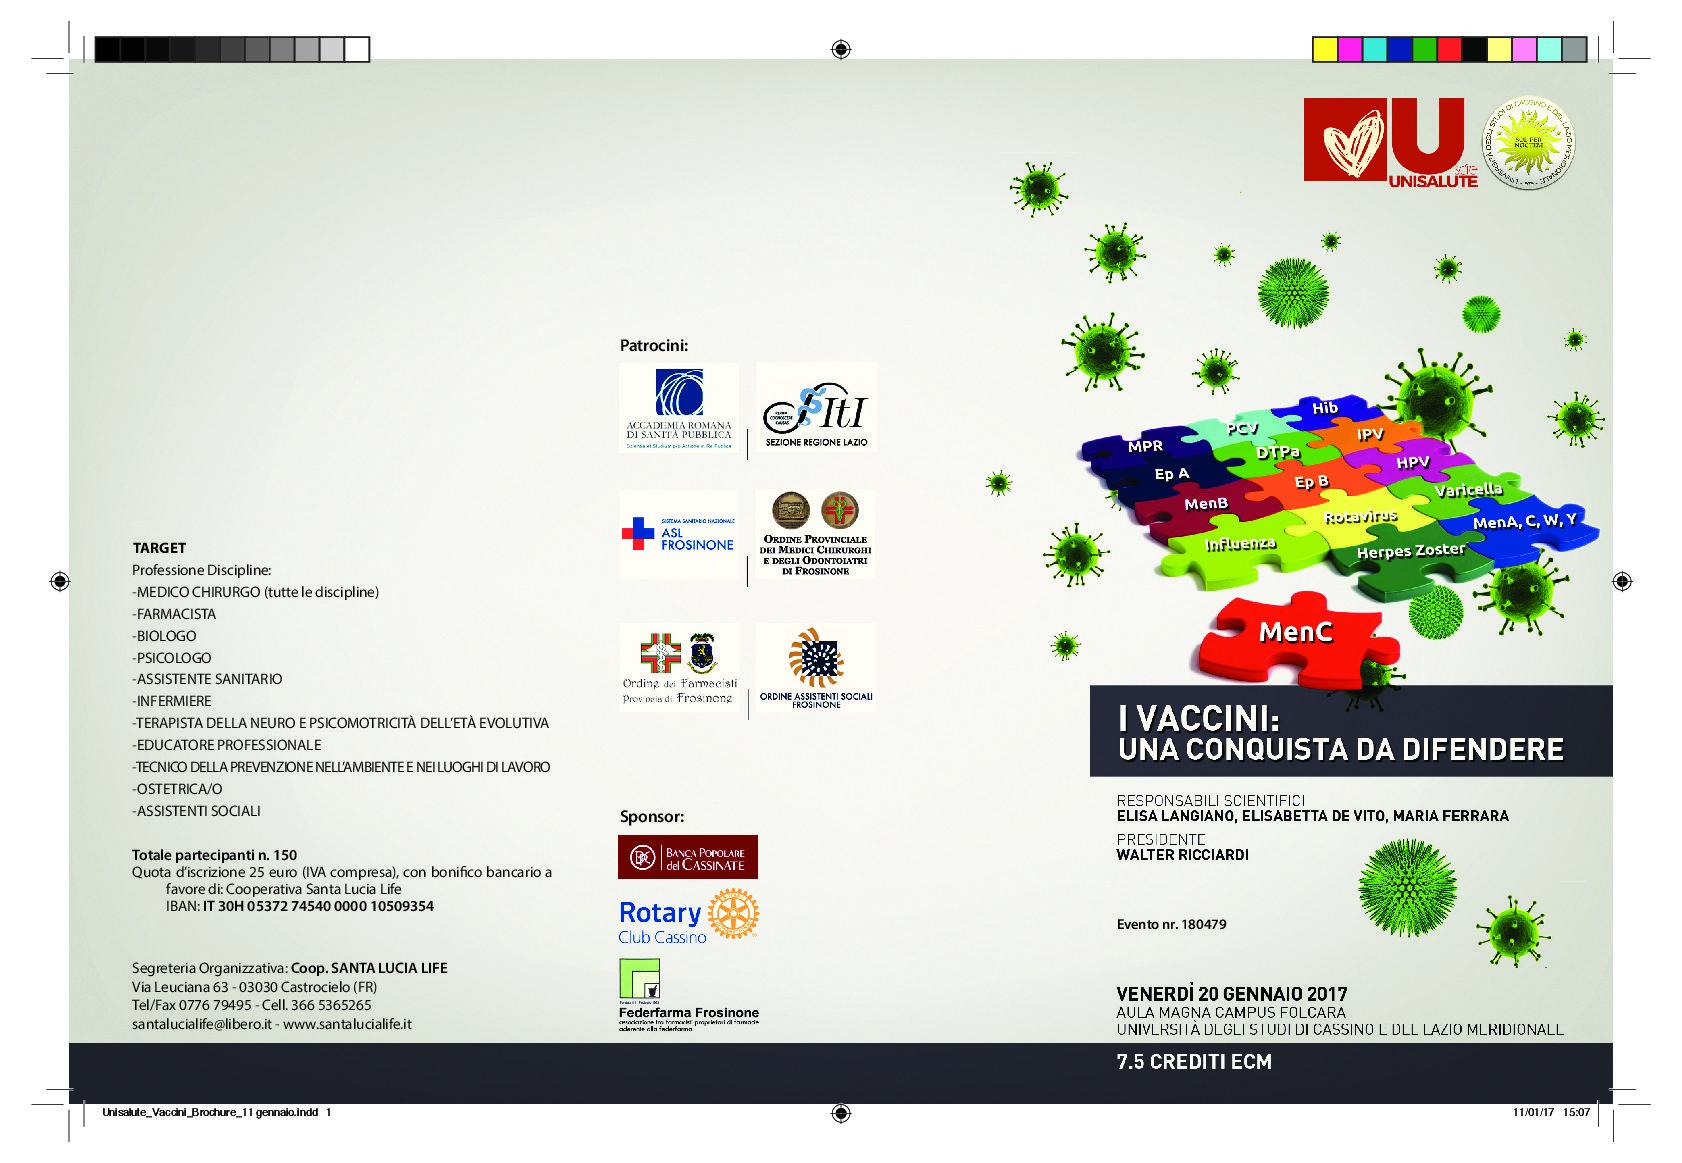 Unicas-  Presidente dell'Istituto Superiore di Sanità all'Università di Cassino per parlare di vaccinazioni